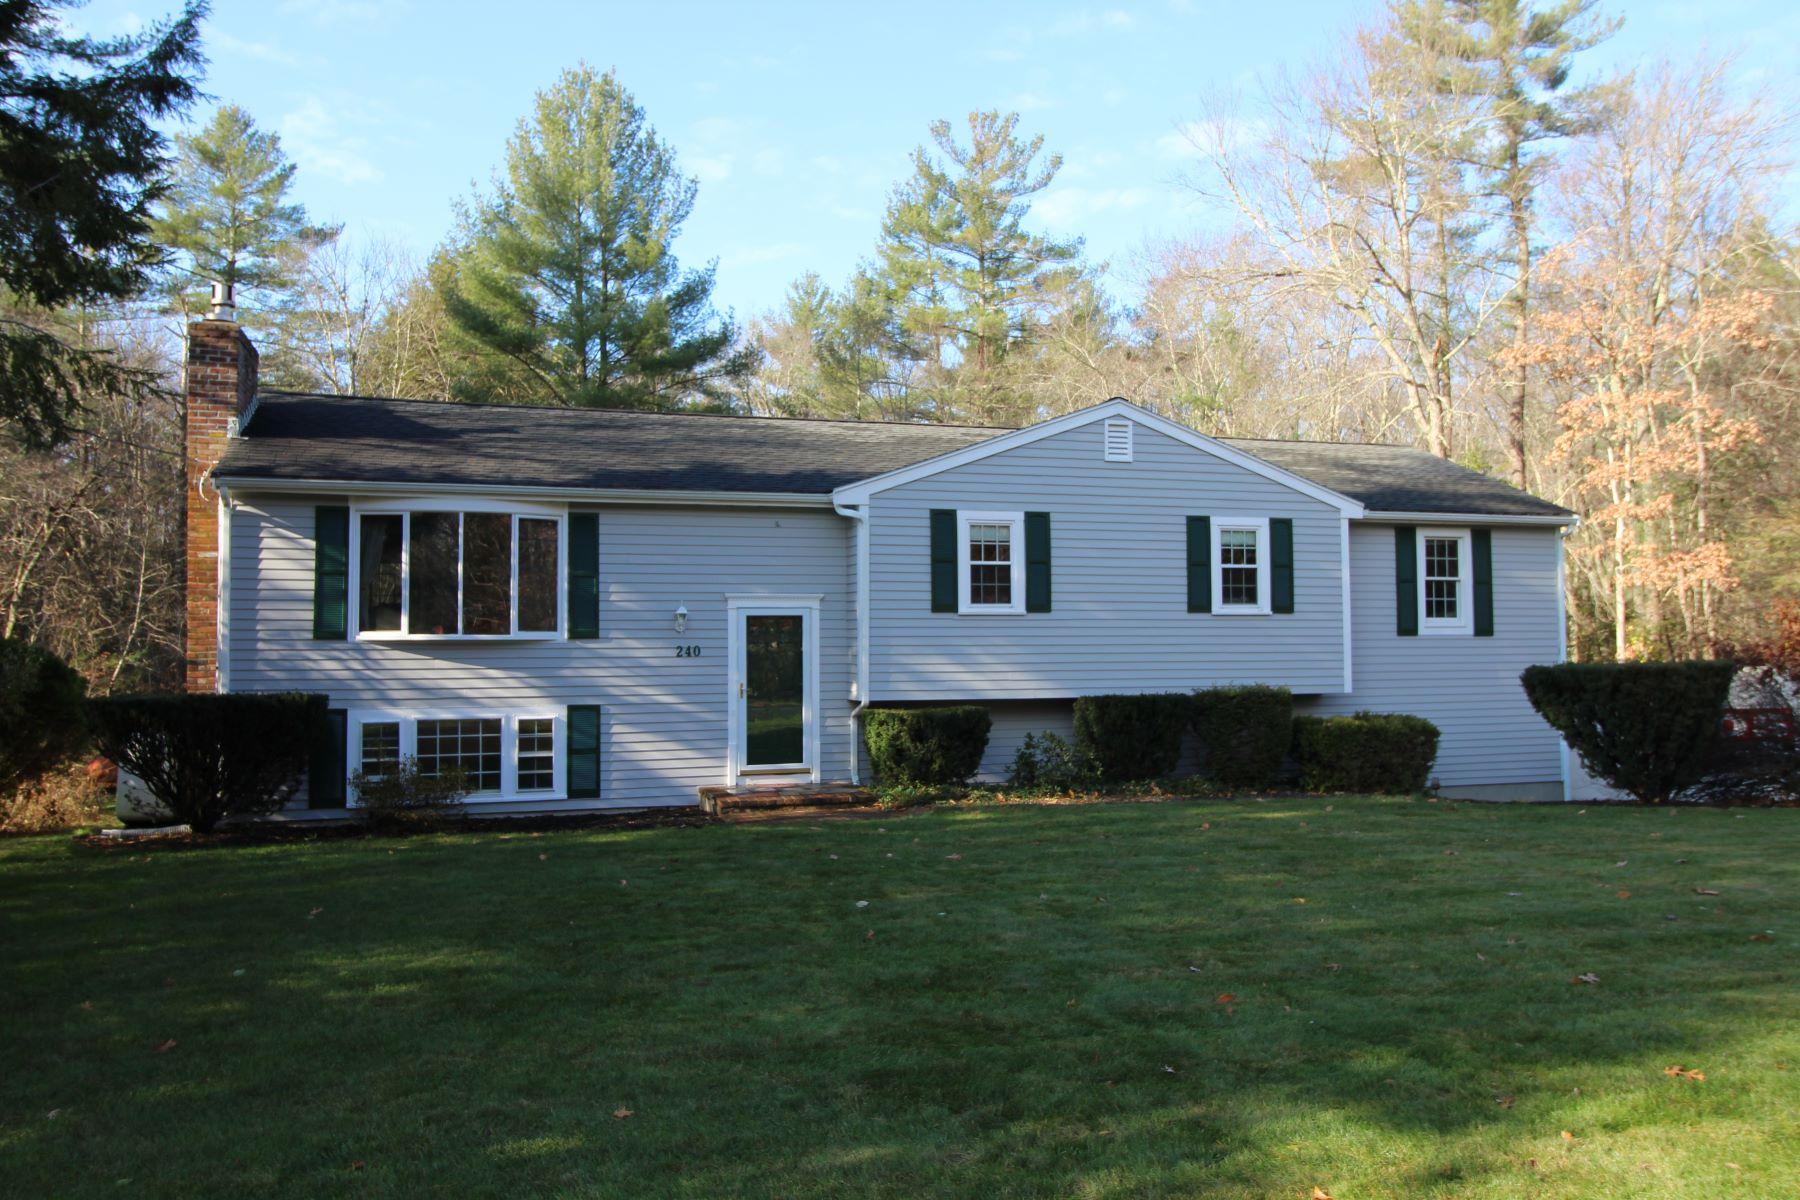 Maison unifamiliale pour l à vendre à Hanover Cud-de-sac 240 Old Farm Rd., Hanover, Massachusetts, 02339 États-Unis